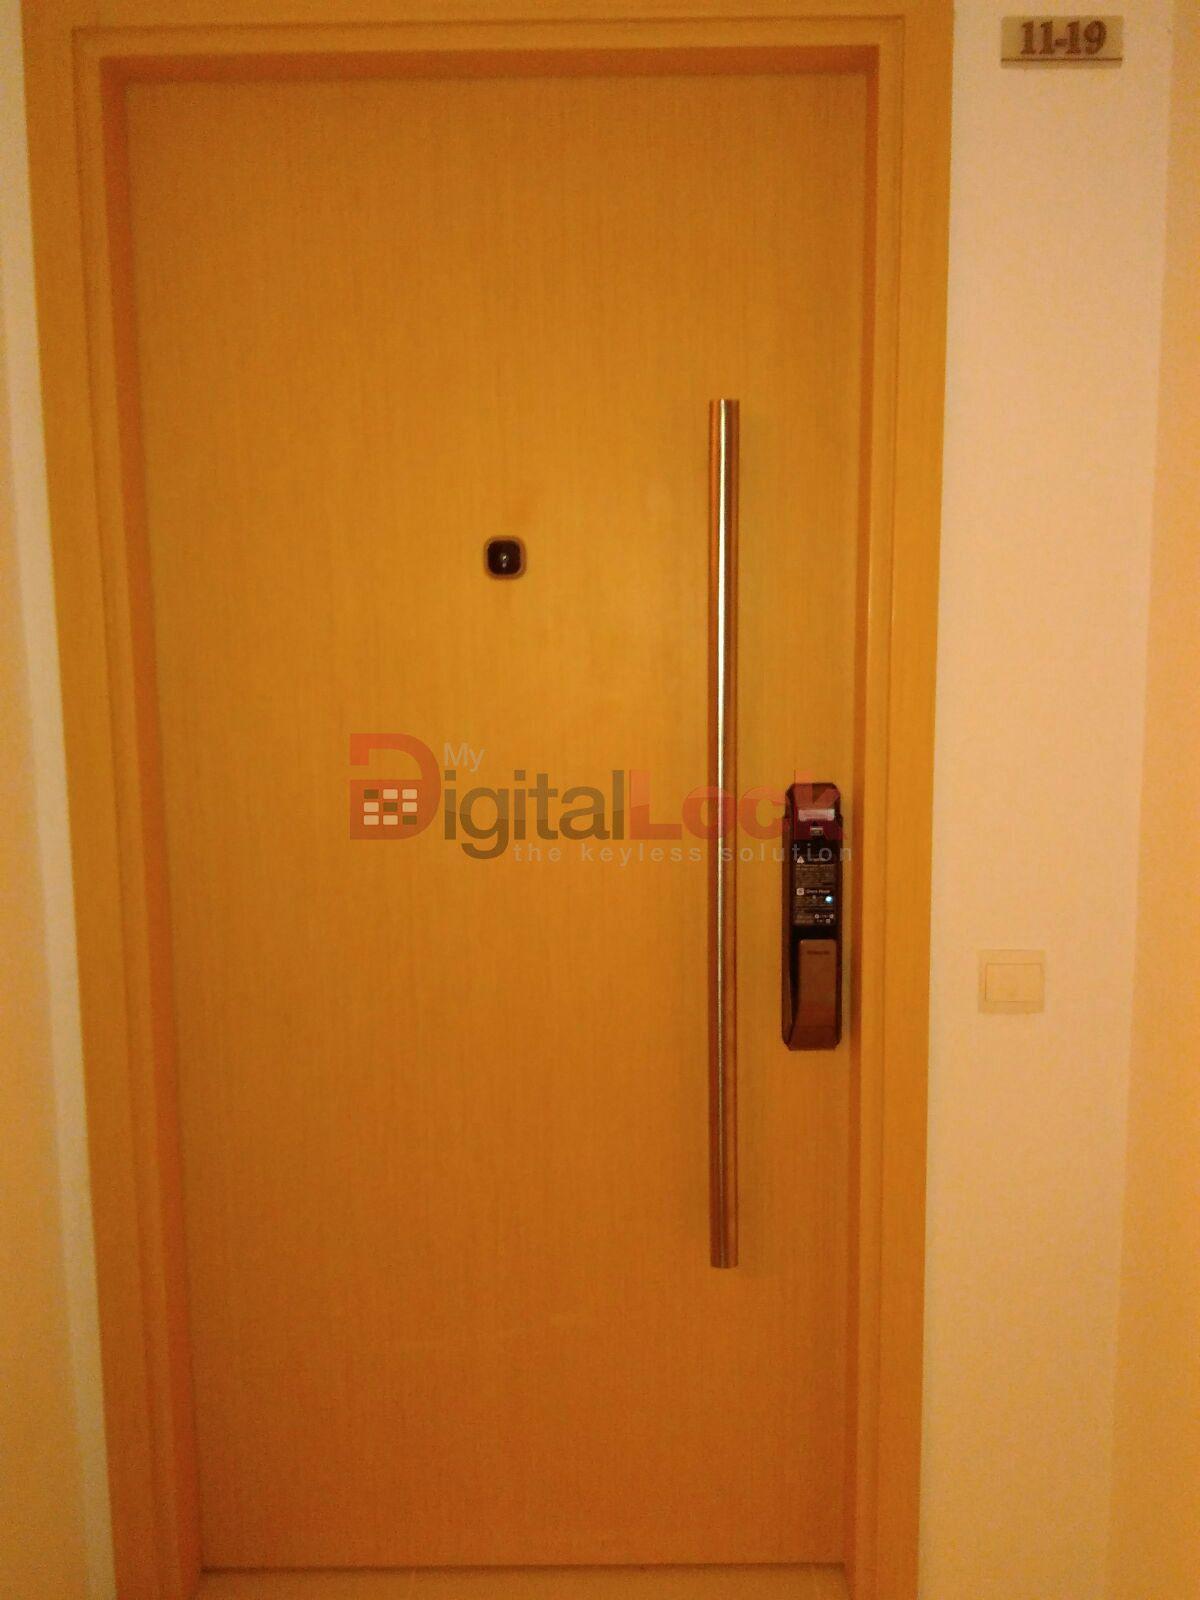 Pin On Samsung Shs P718 Digital Lock